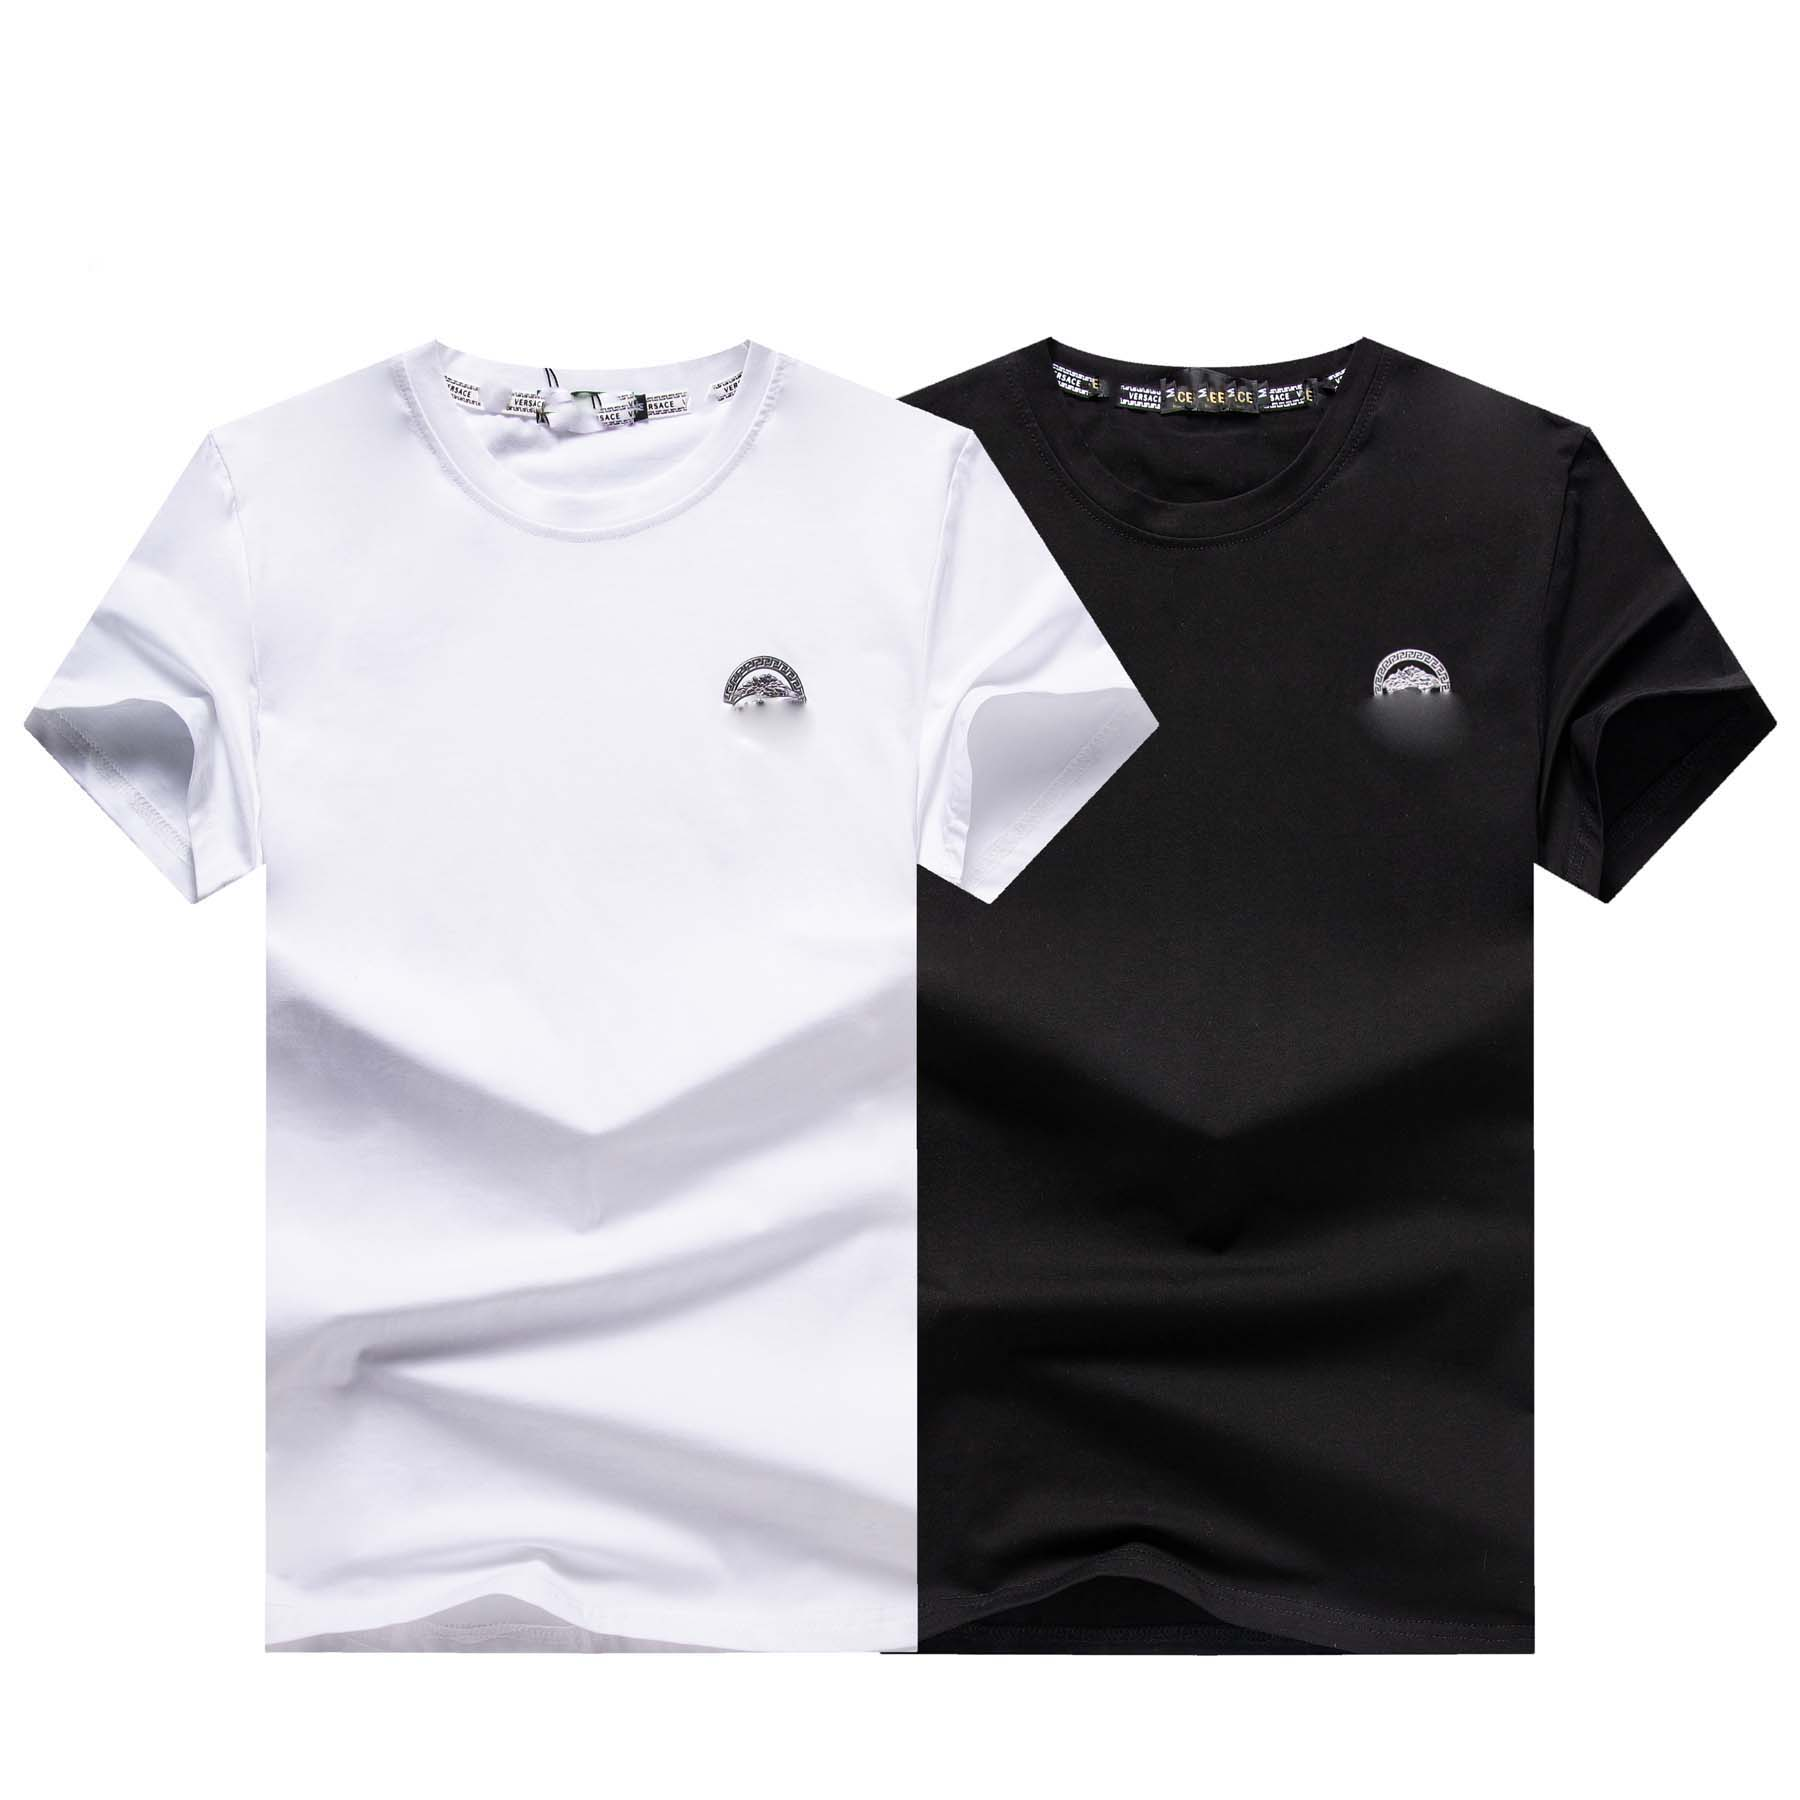 Summer Men's Designer T-shirt Casual Men's Women's Loose T-shirt Letter Printing Short Sleeve Top High-end Men's T-shirt M-3XL Code